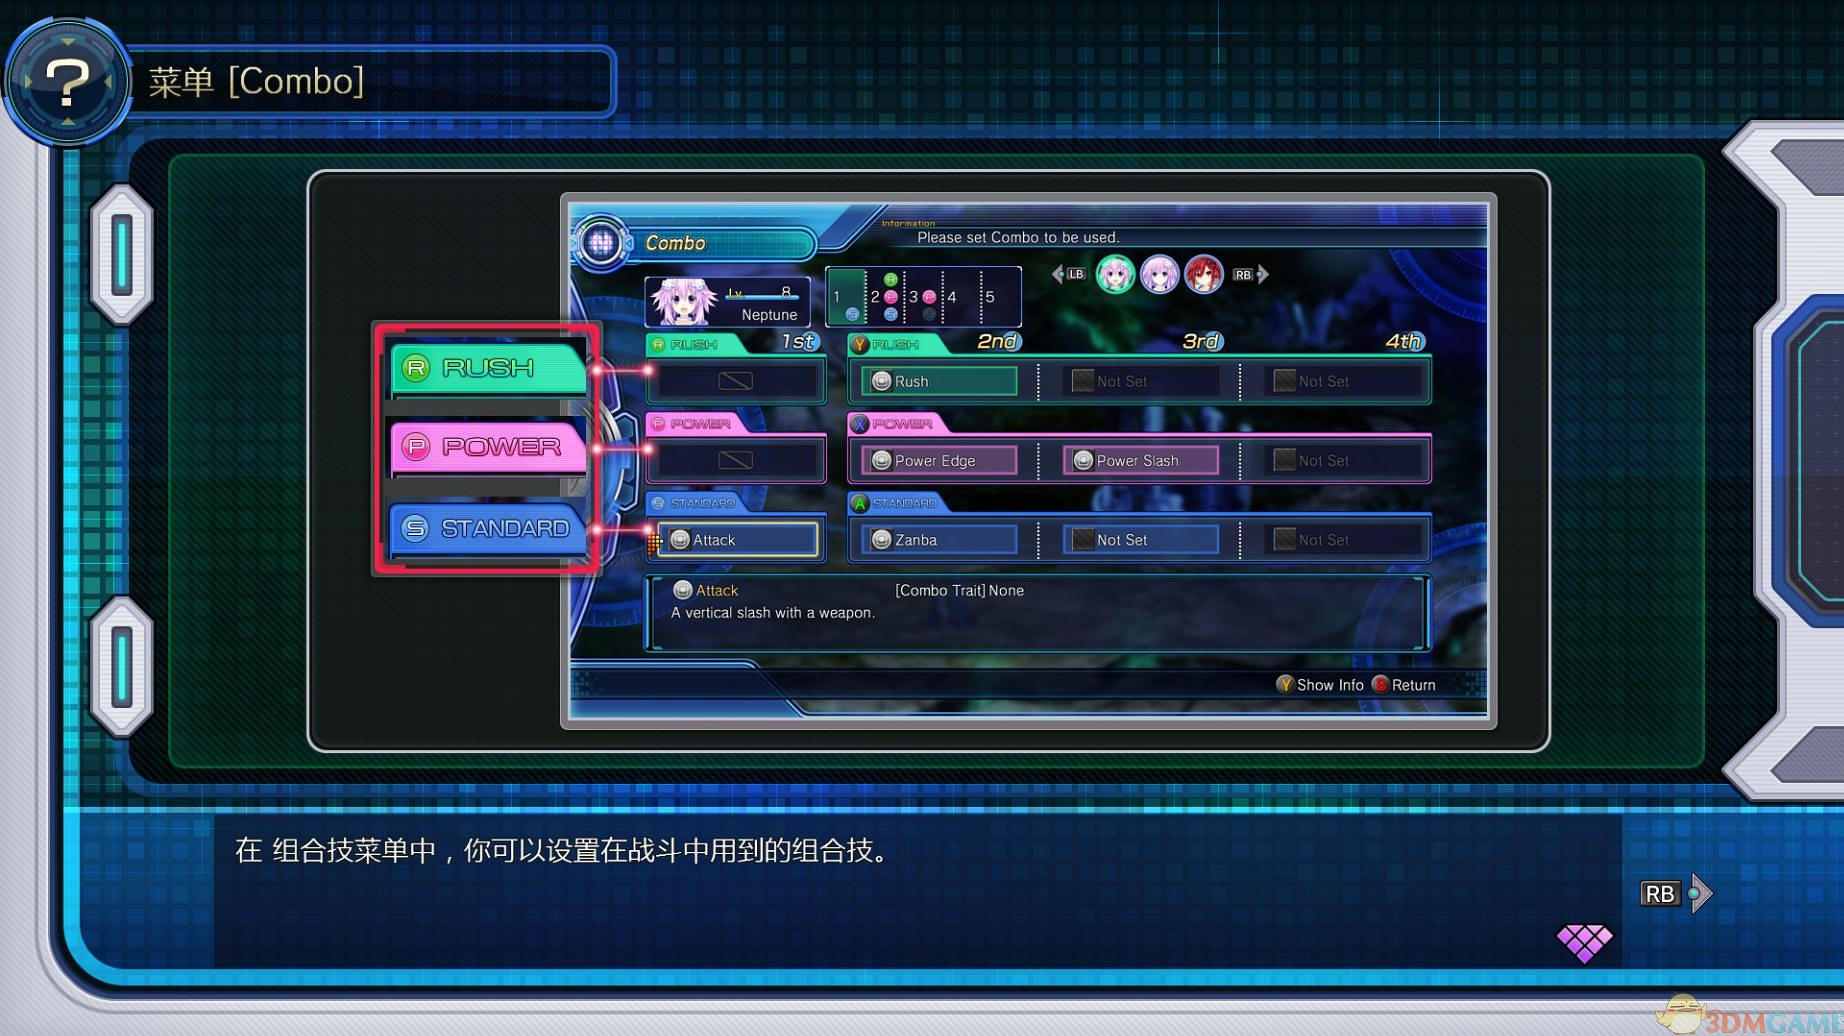 新次元游戏:海王星VII 1号升级档+未加密补丁[3DM]